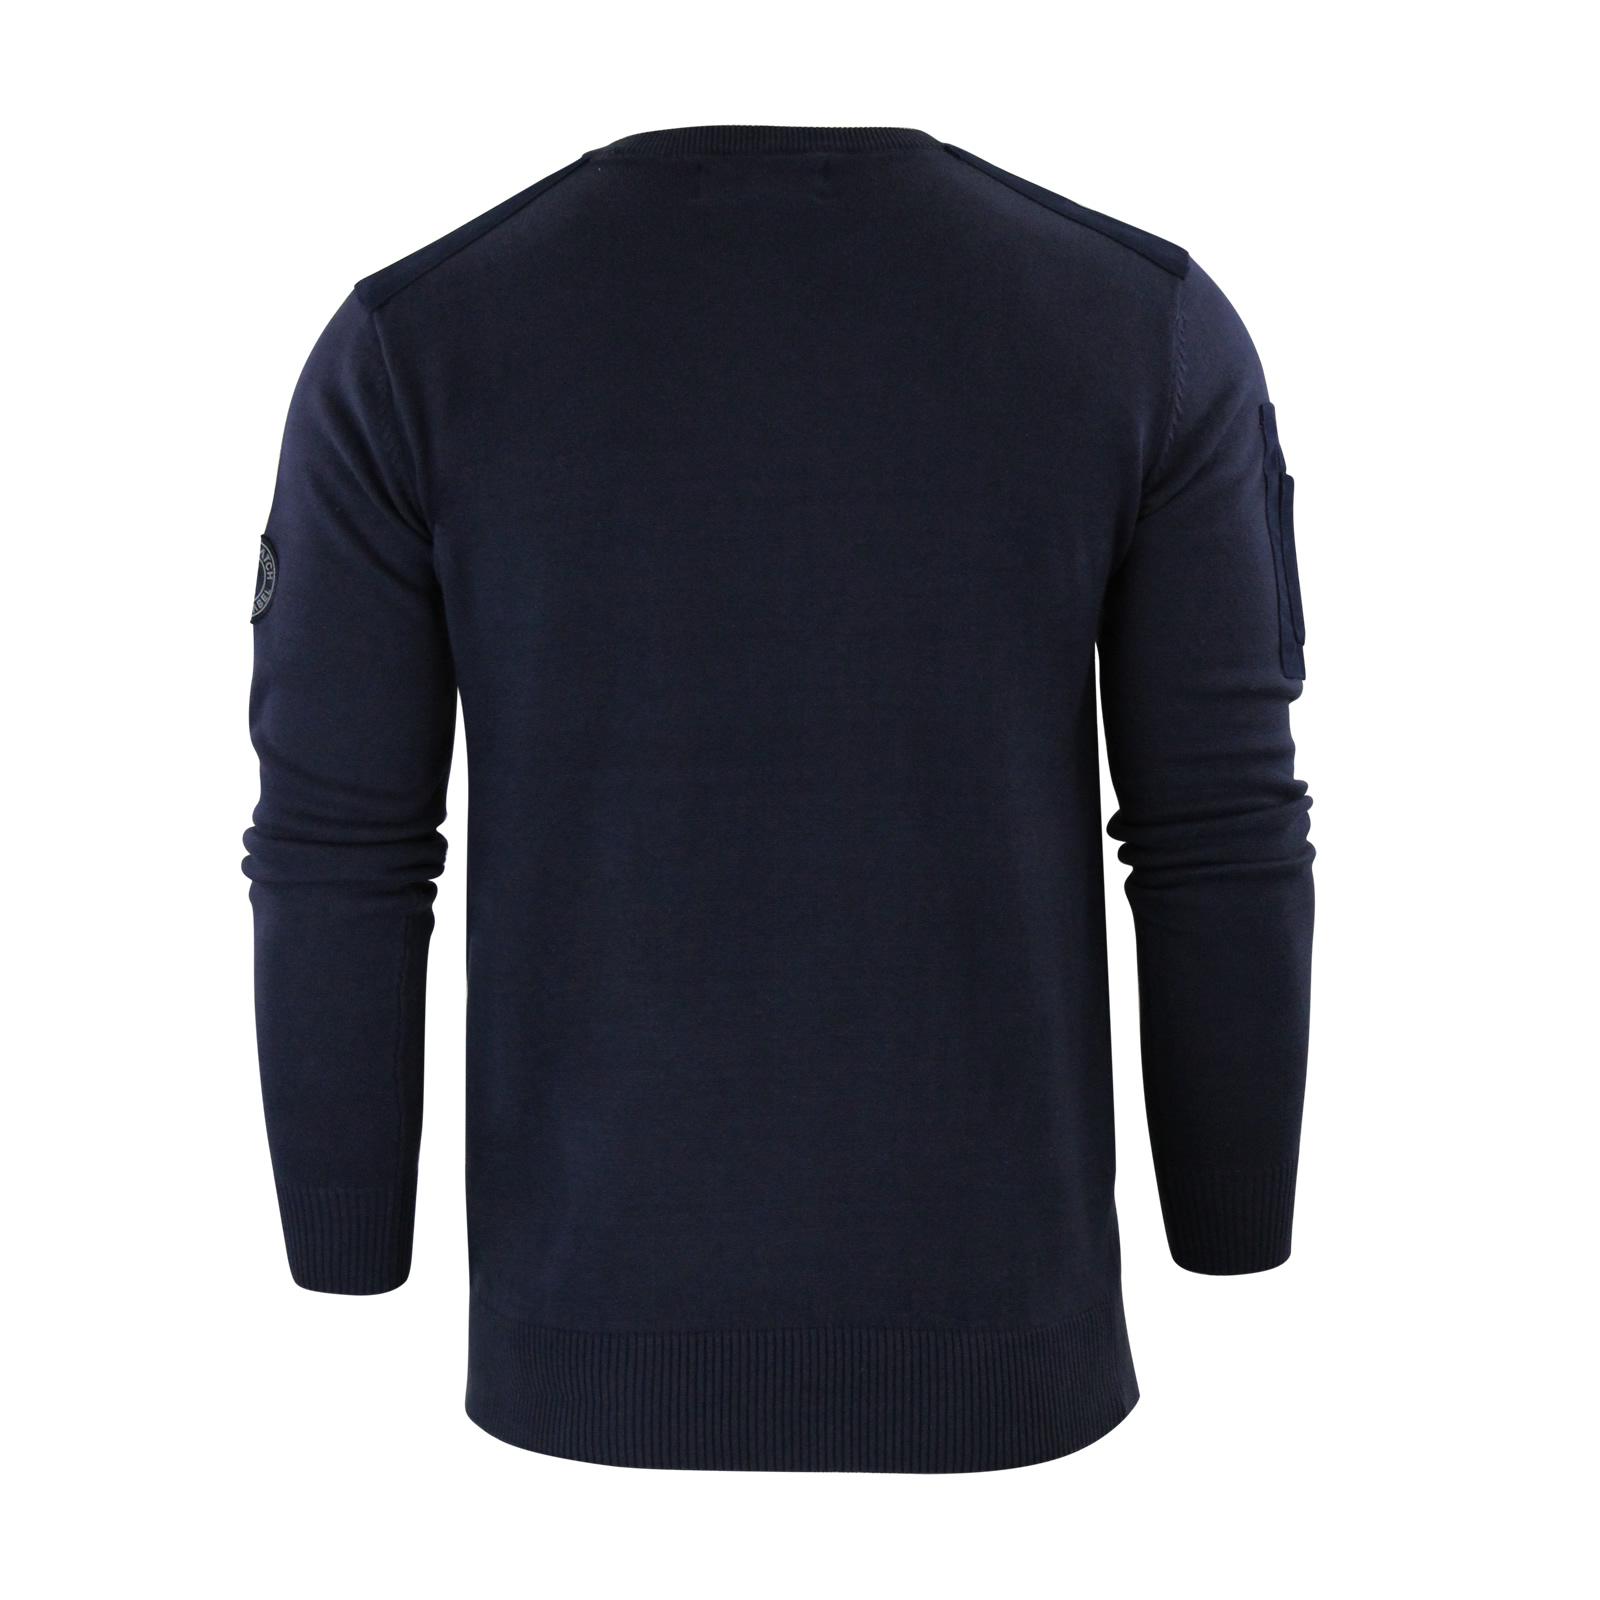 herren-pullover-crosshatch-barrowell-rundhals-strickpullover Indexbild 18